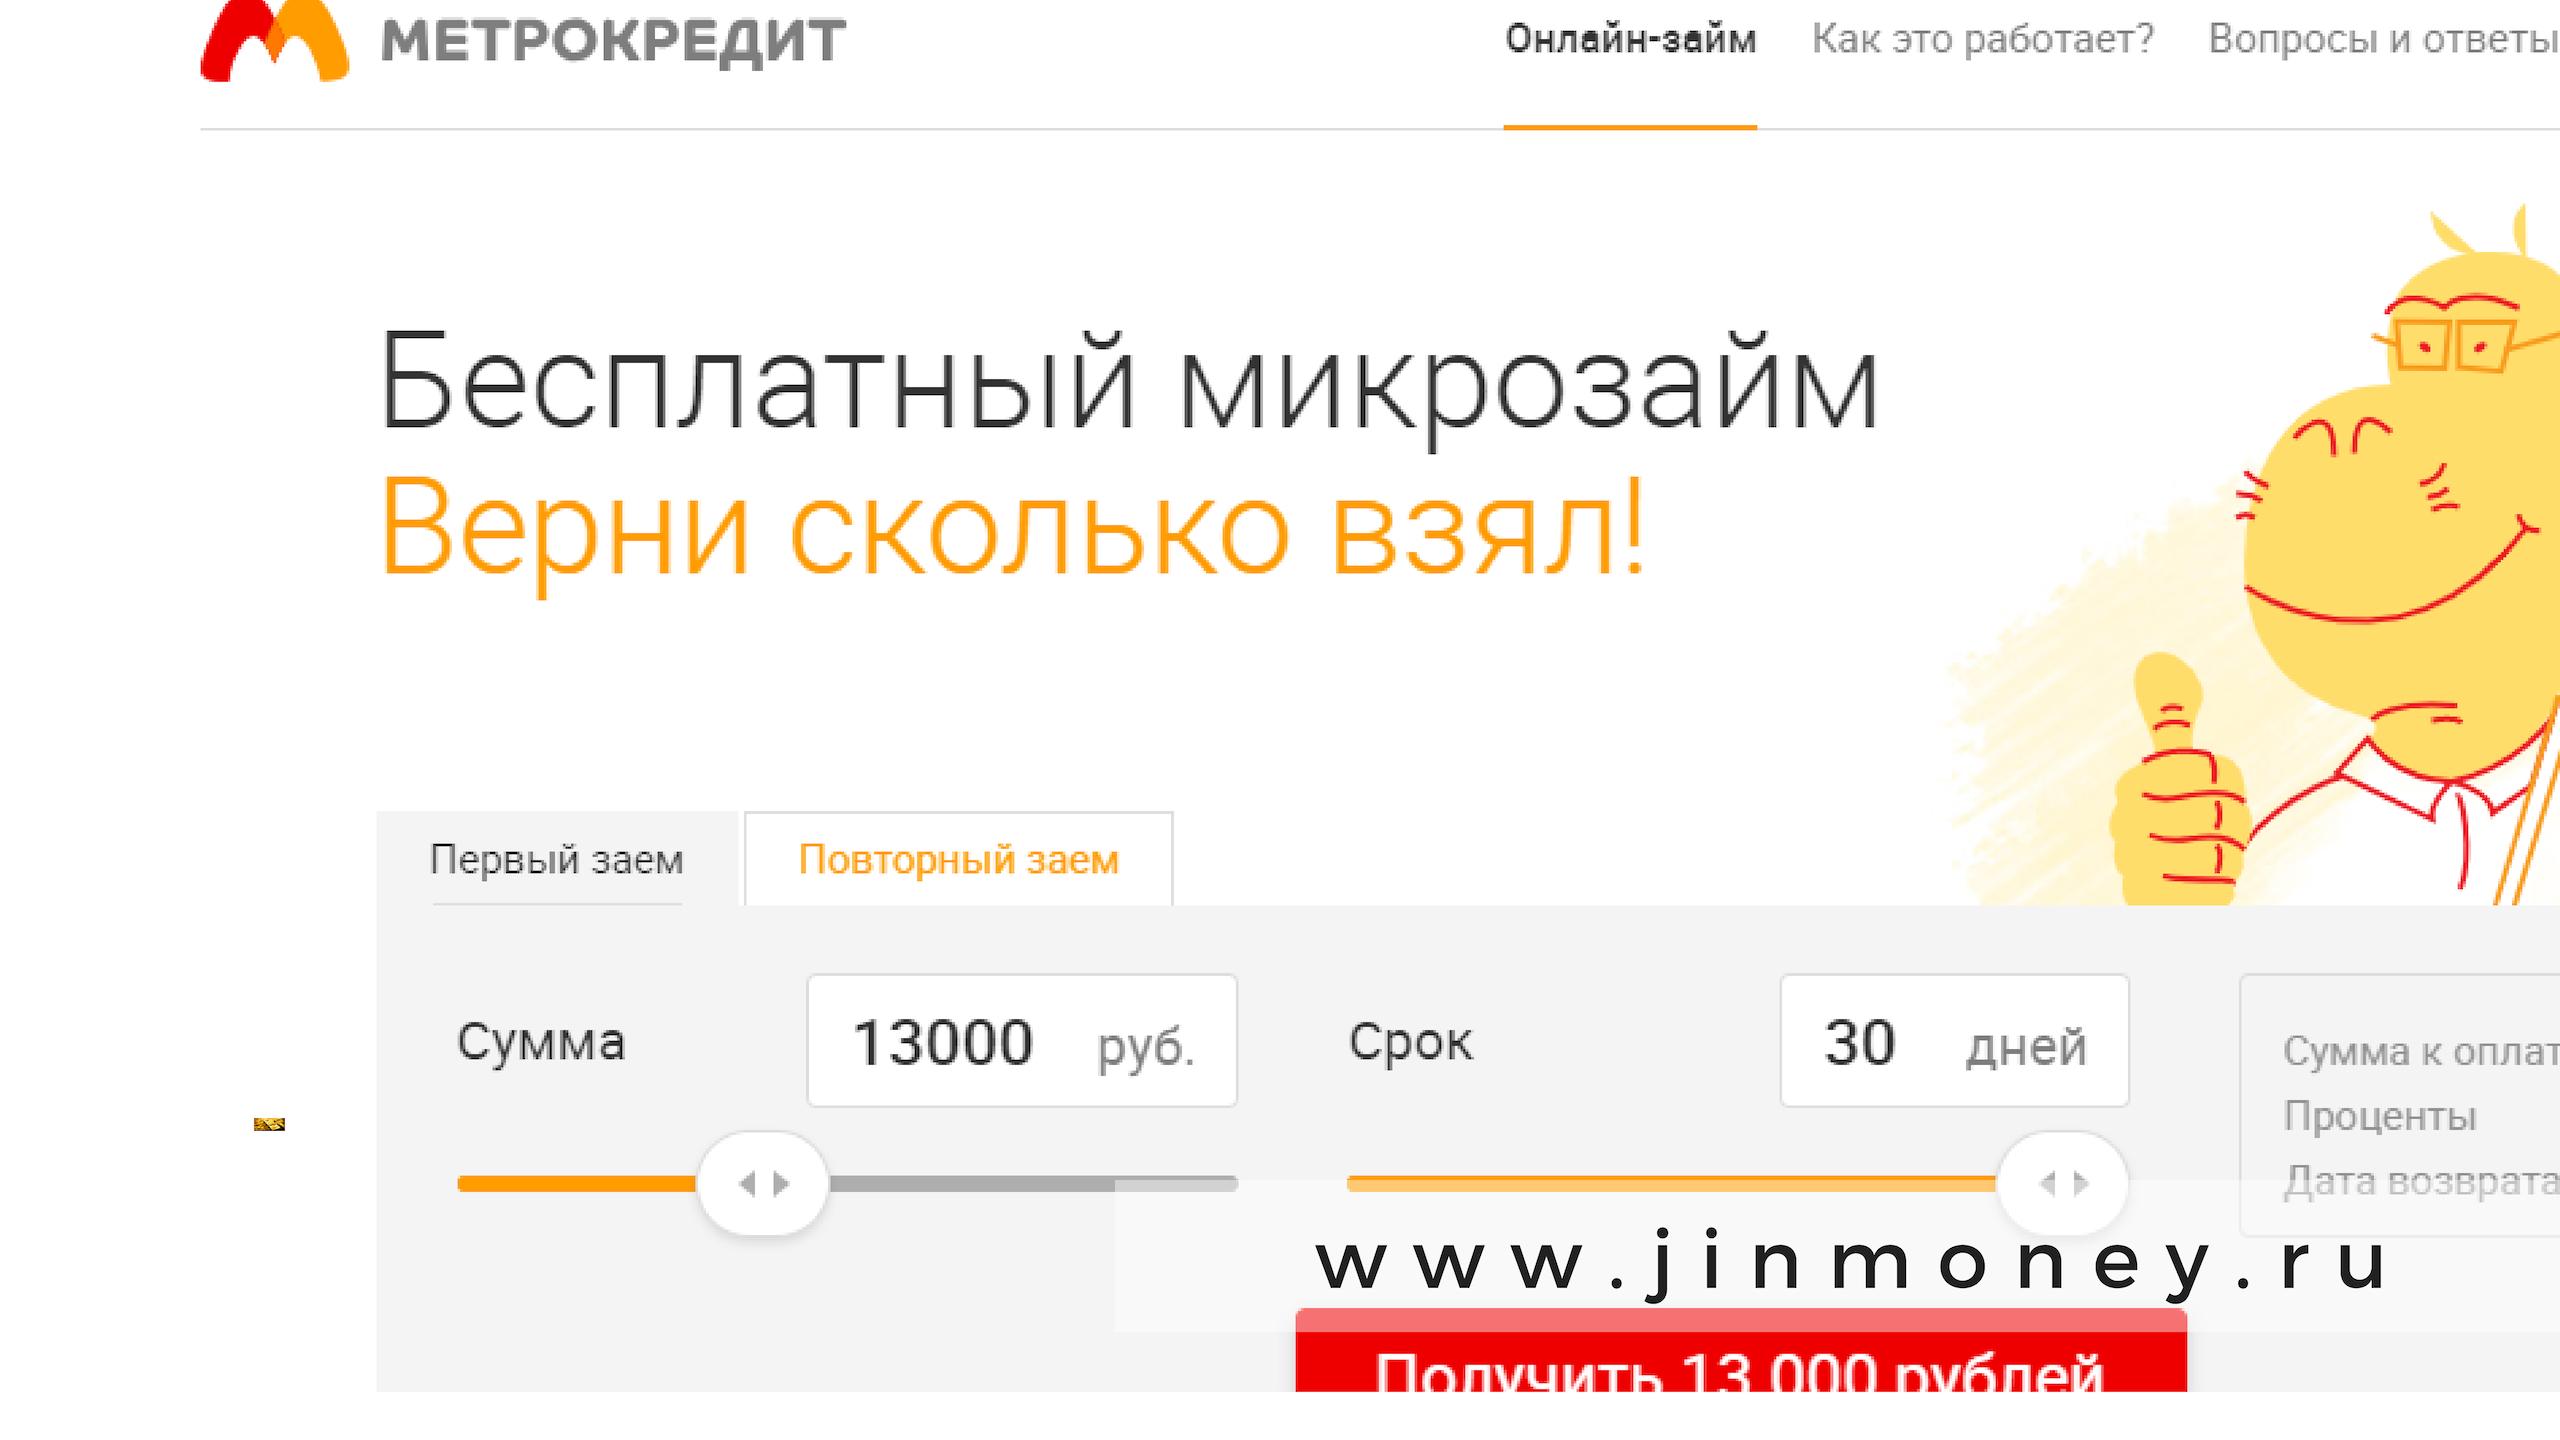 метрокредит